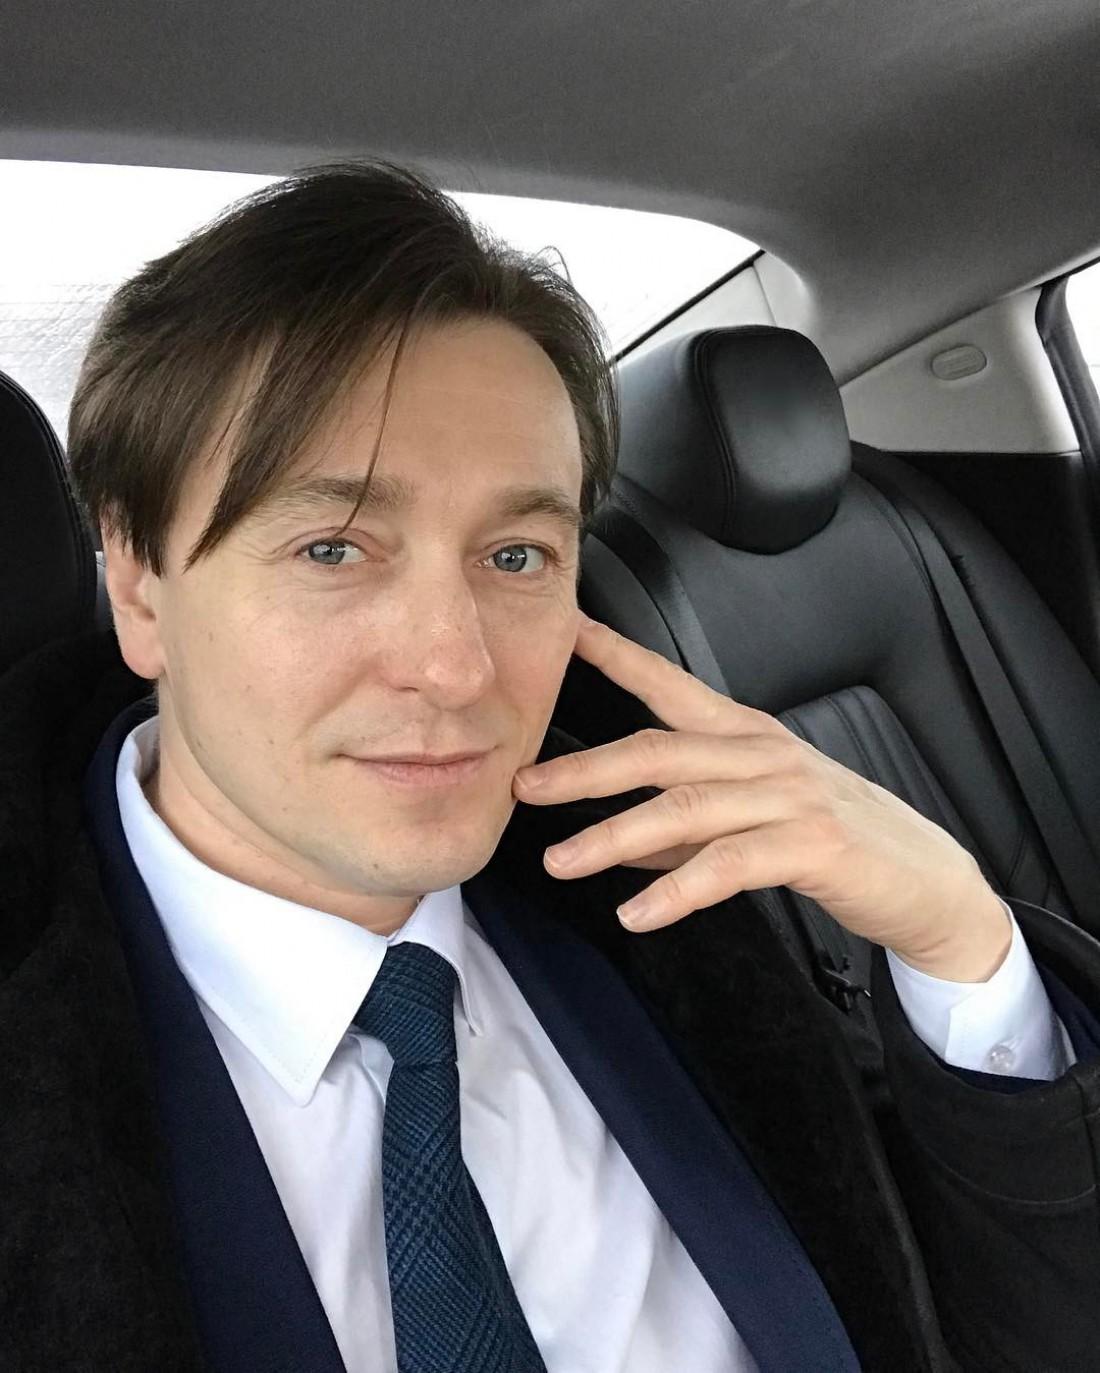 Сергей Безруков перепел «Романс» группы «Сплин»